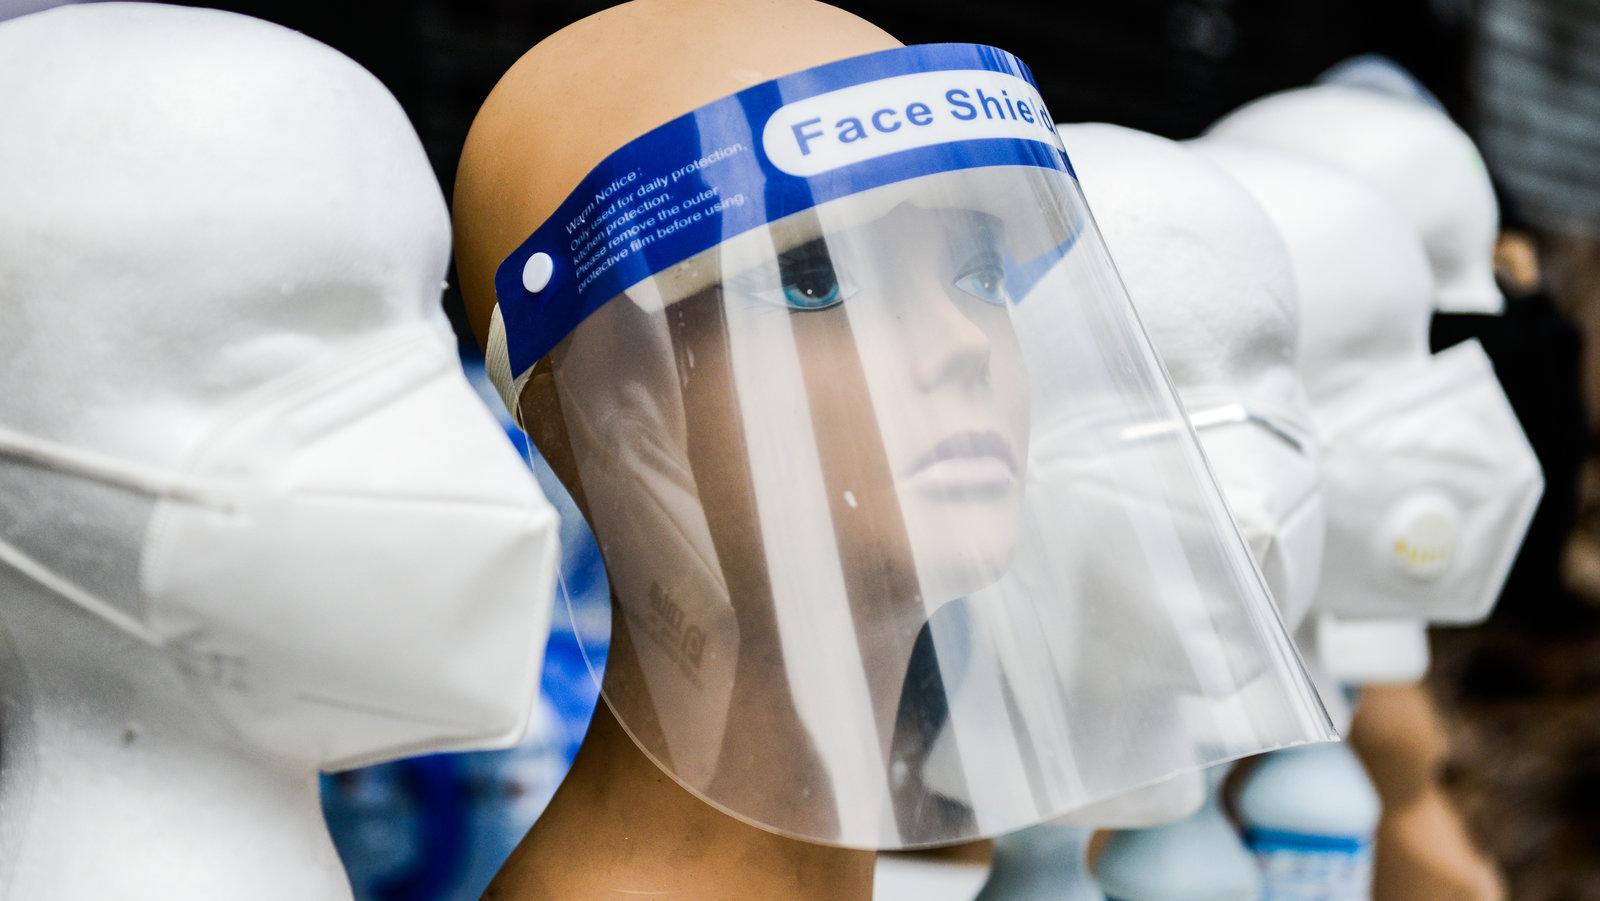 研究表明透明面罩无法完全防护新冠病毒